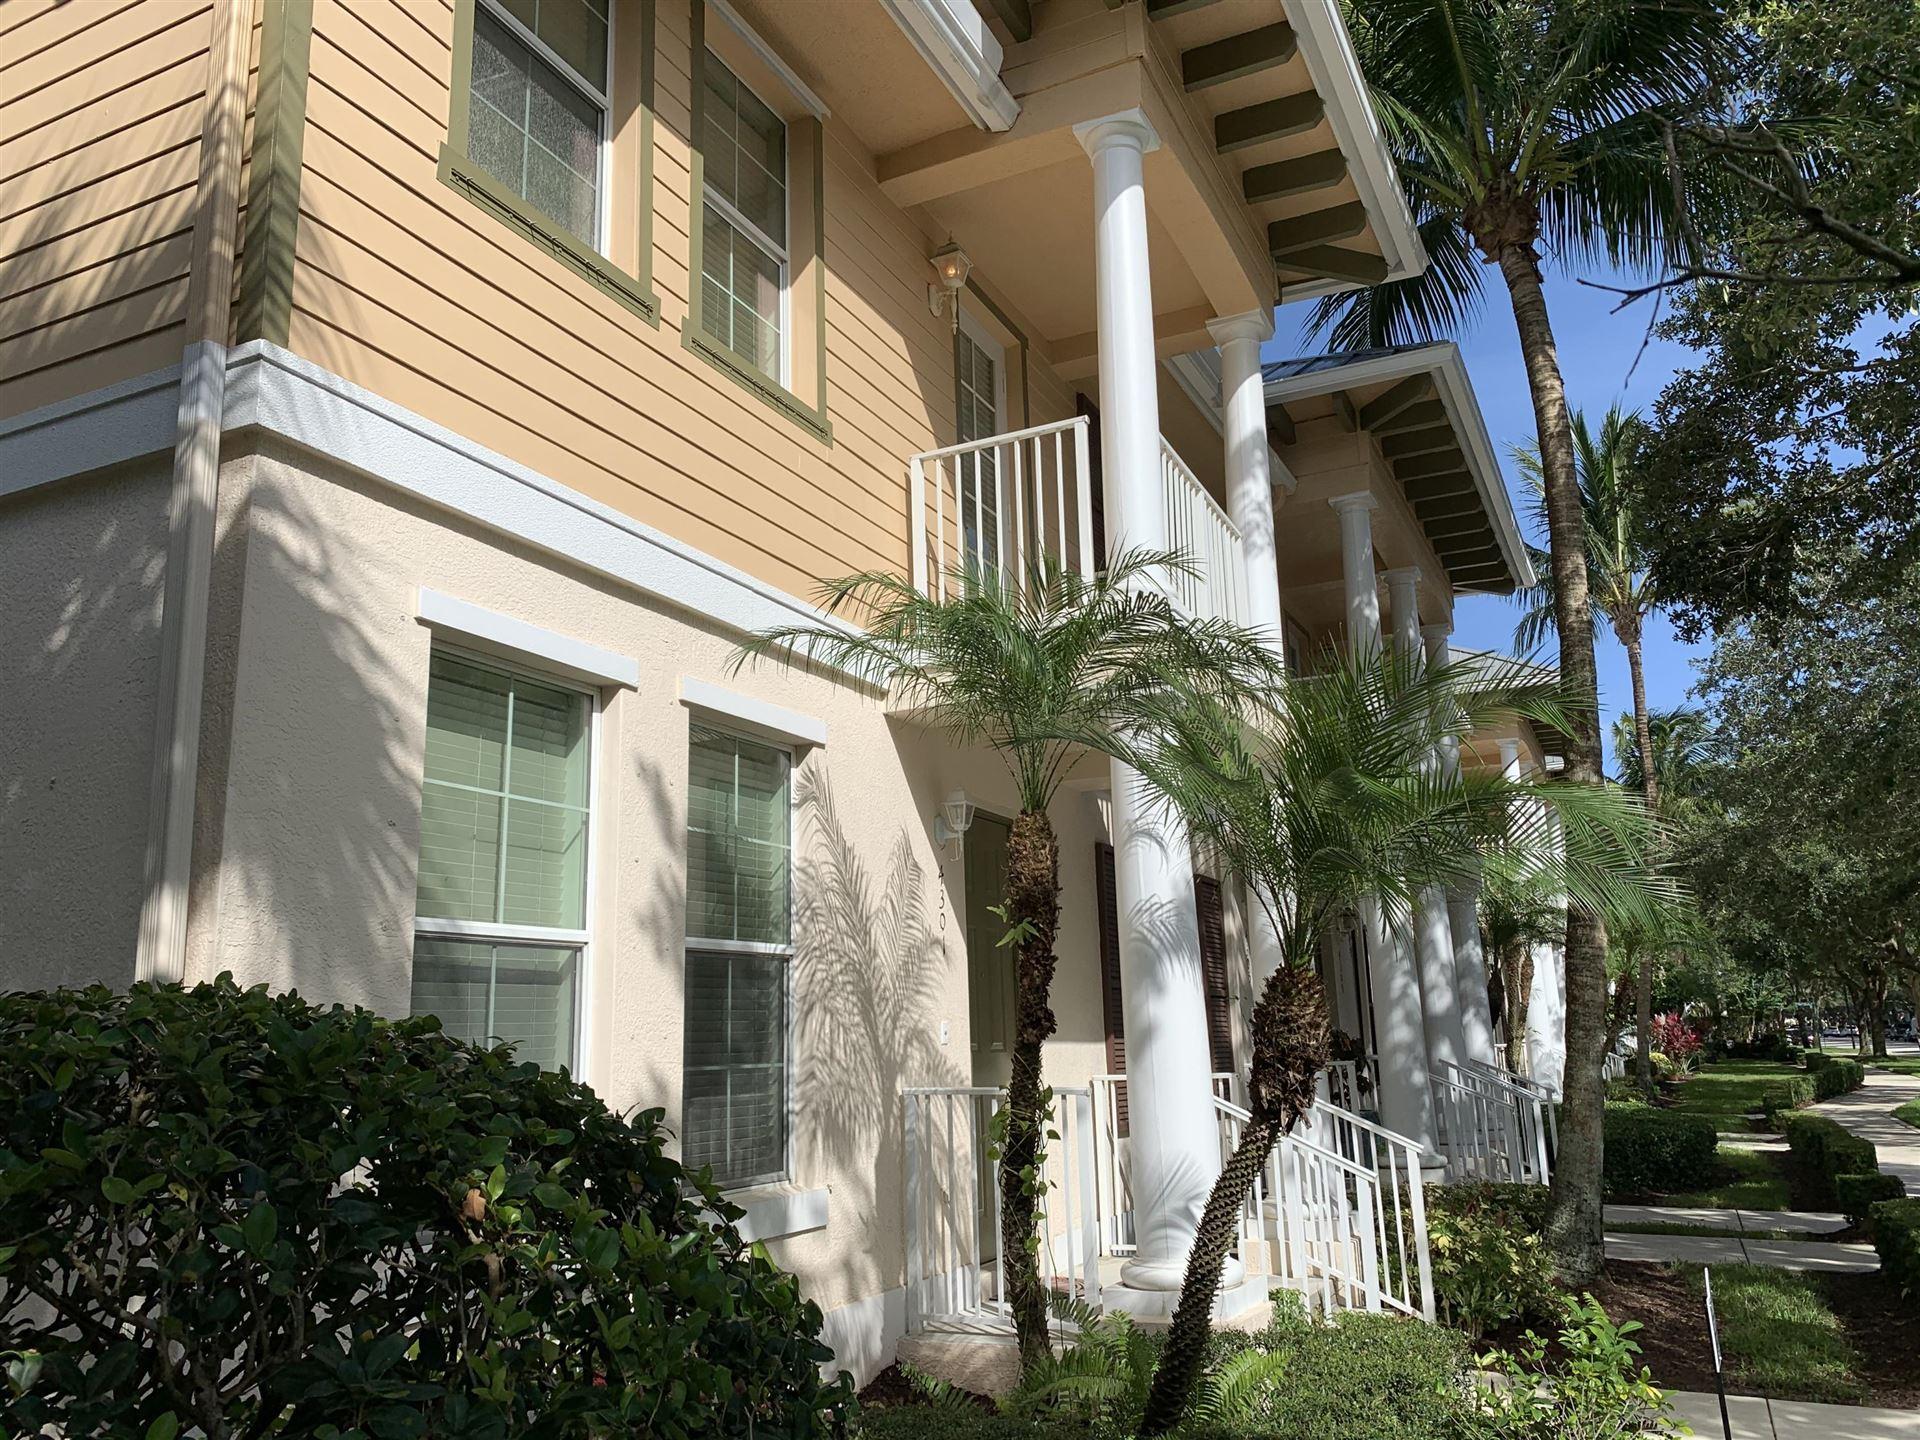 Photo of 4301 Parkside Drive, Jupiter, FL 33458 (MLS # RX-10665755)